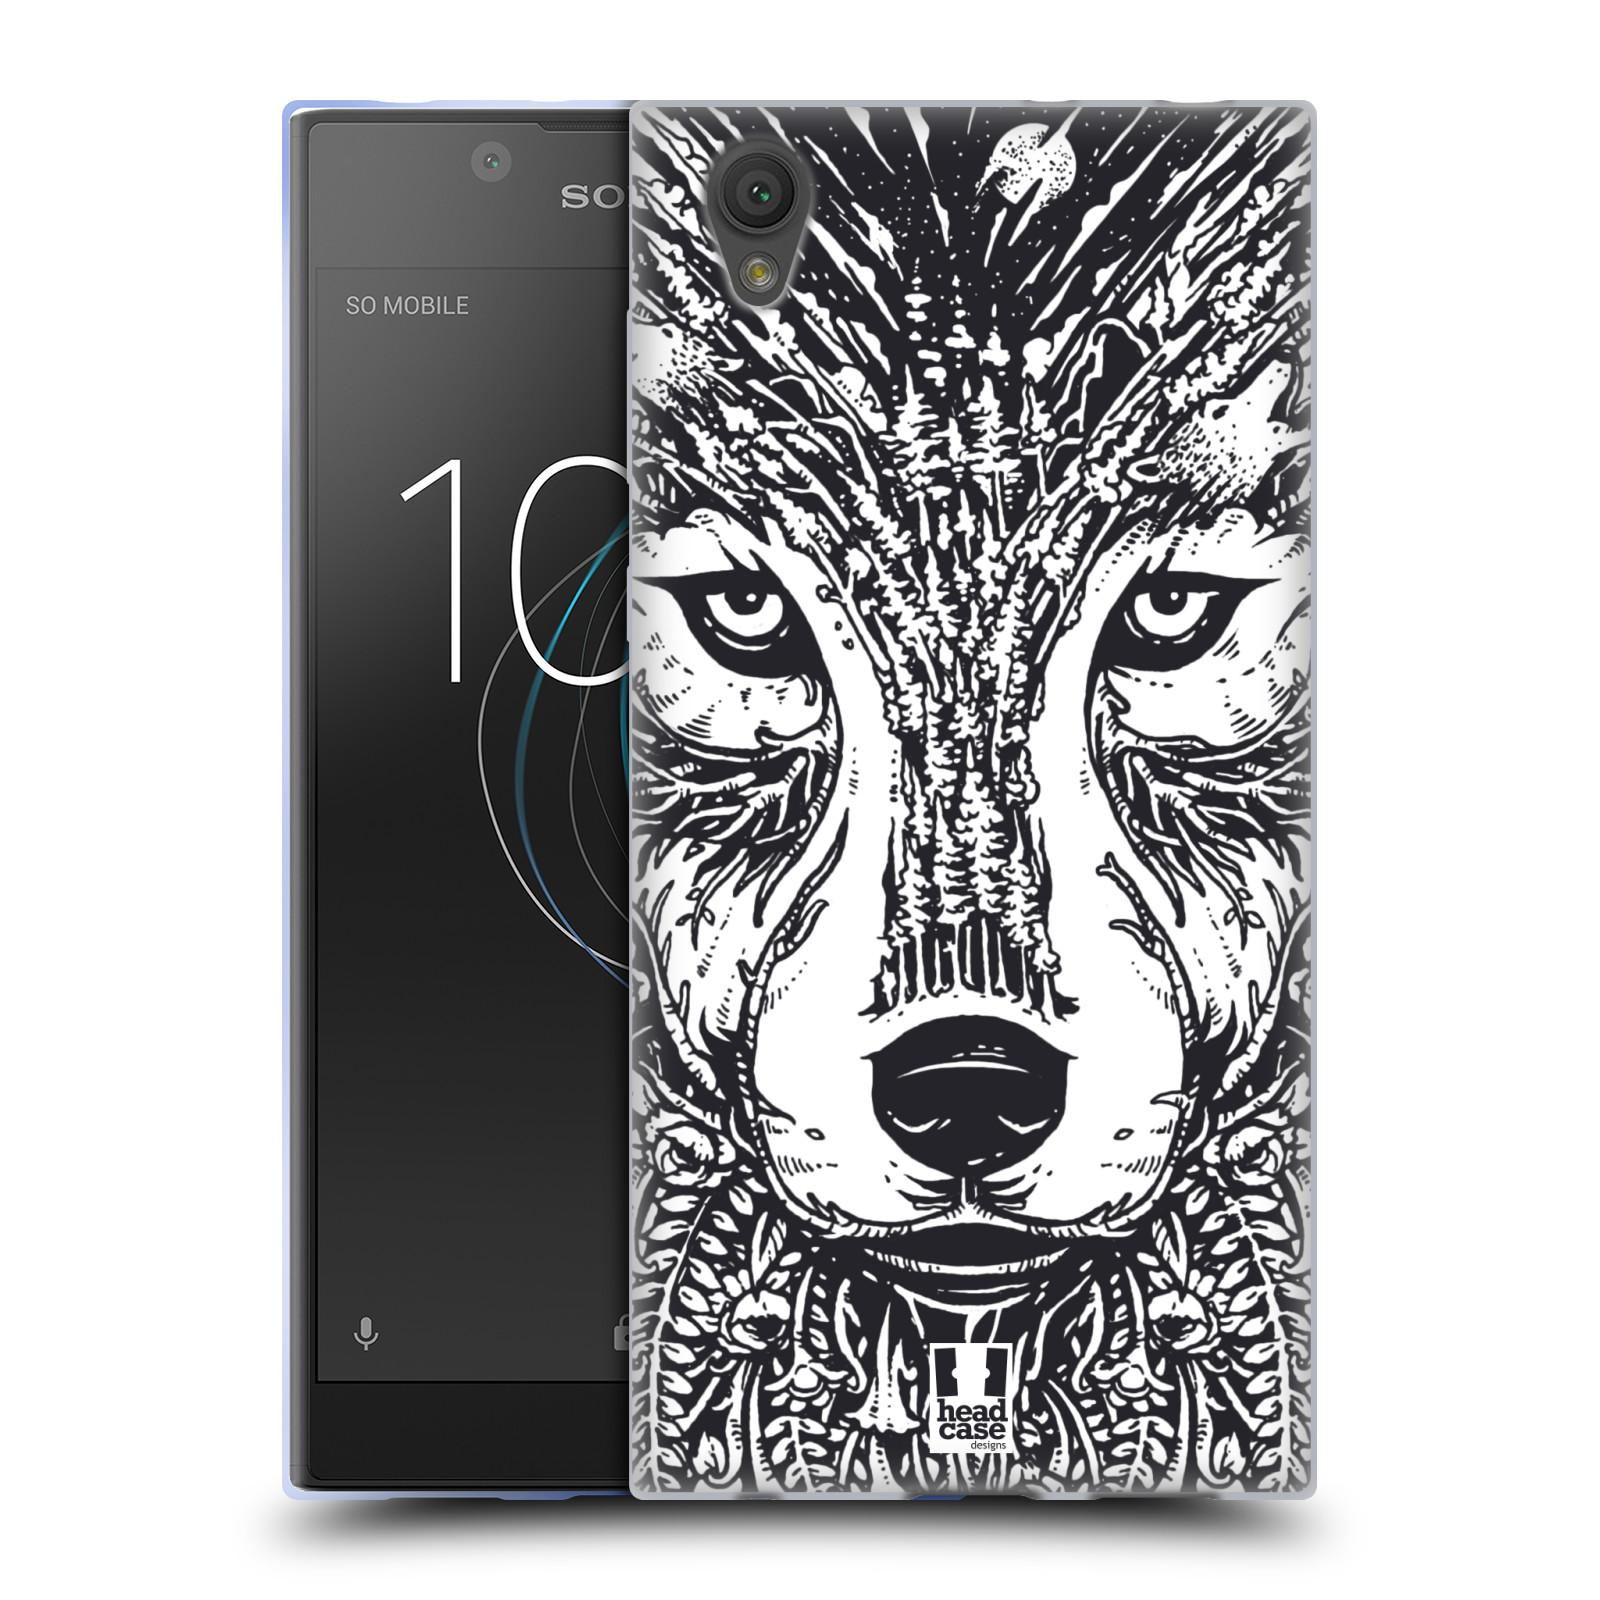 Silikonové pouzdro na mobil Sony Xperia L1 - Head Case - DOODLE TVÁŘ VLK (Silikonový kryt či obal na mobilní telefon Sony Xperia L1 G3311 s motivem DOODLE TVÁŘ VLK)